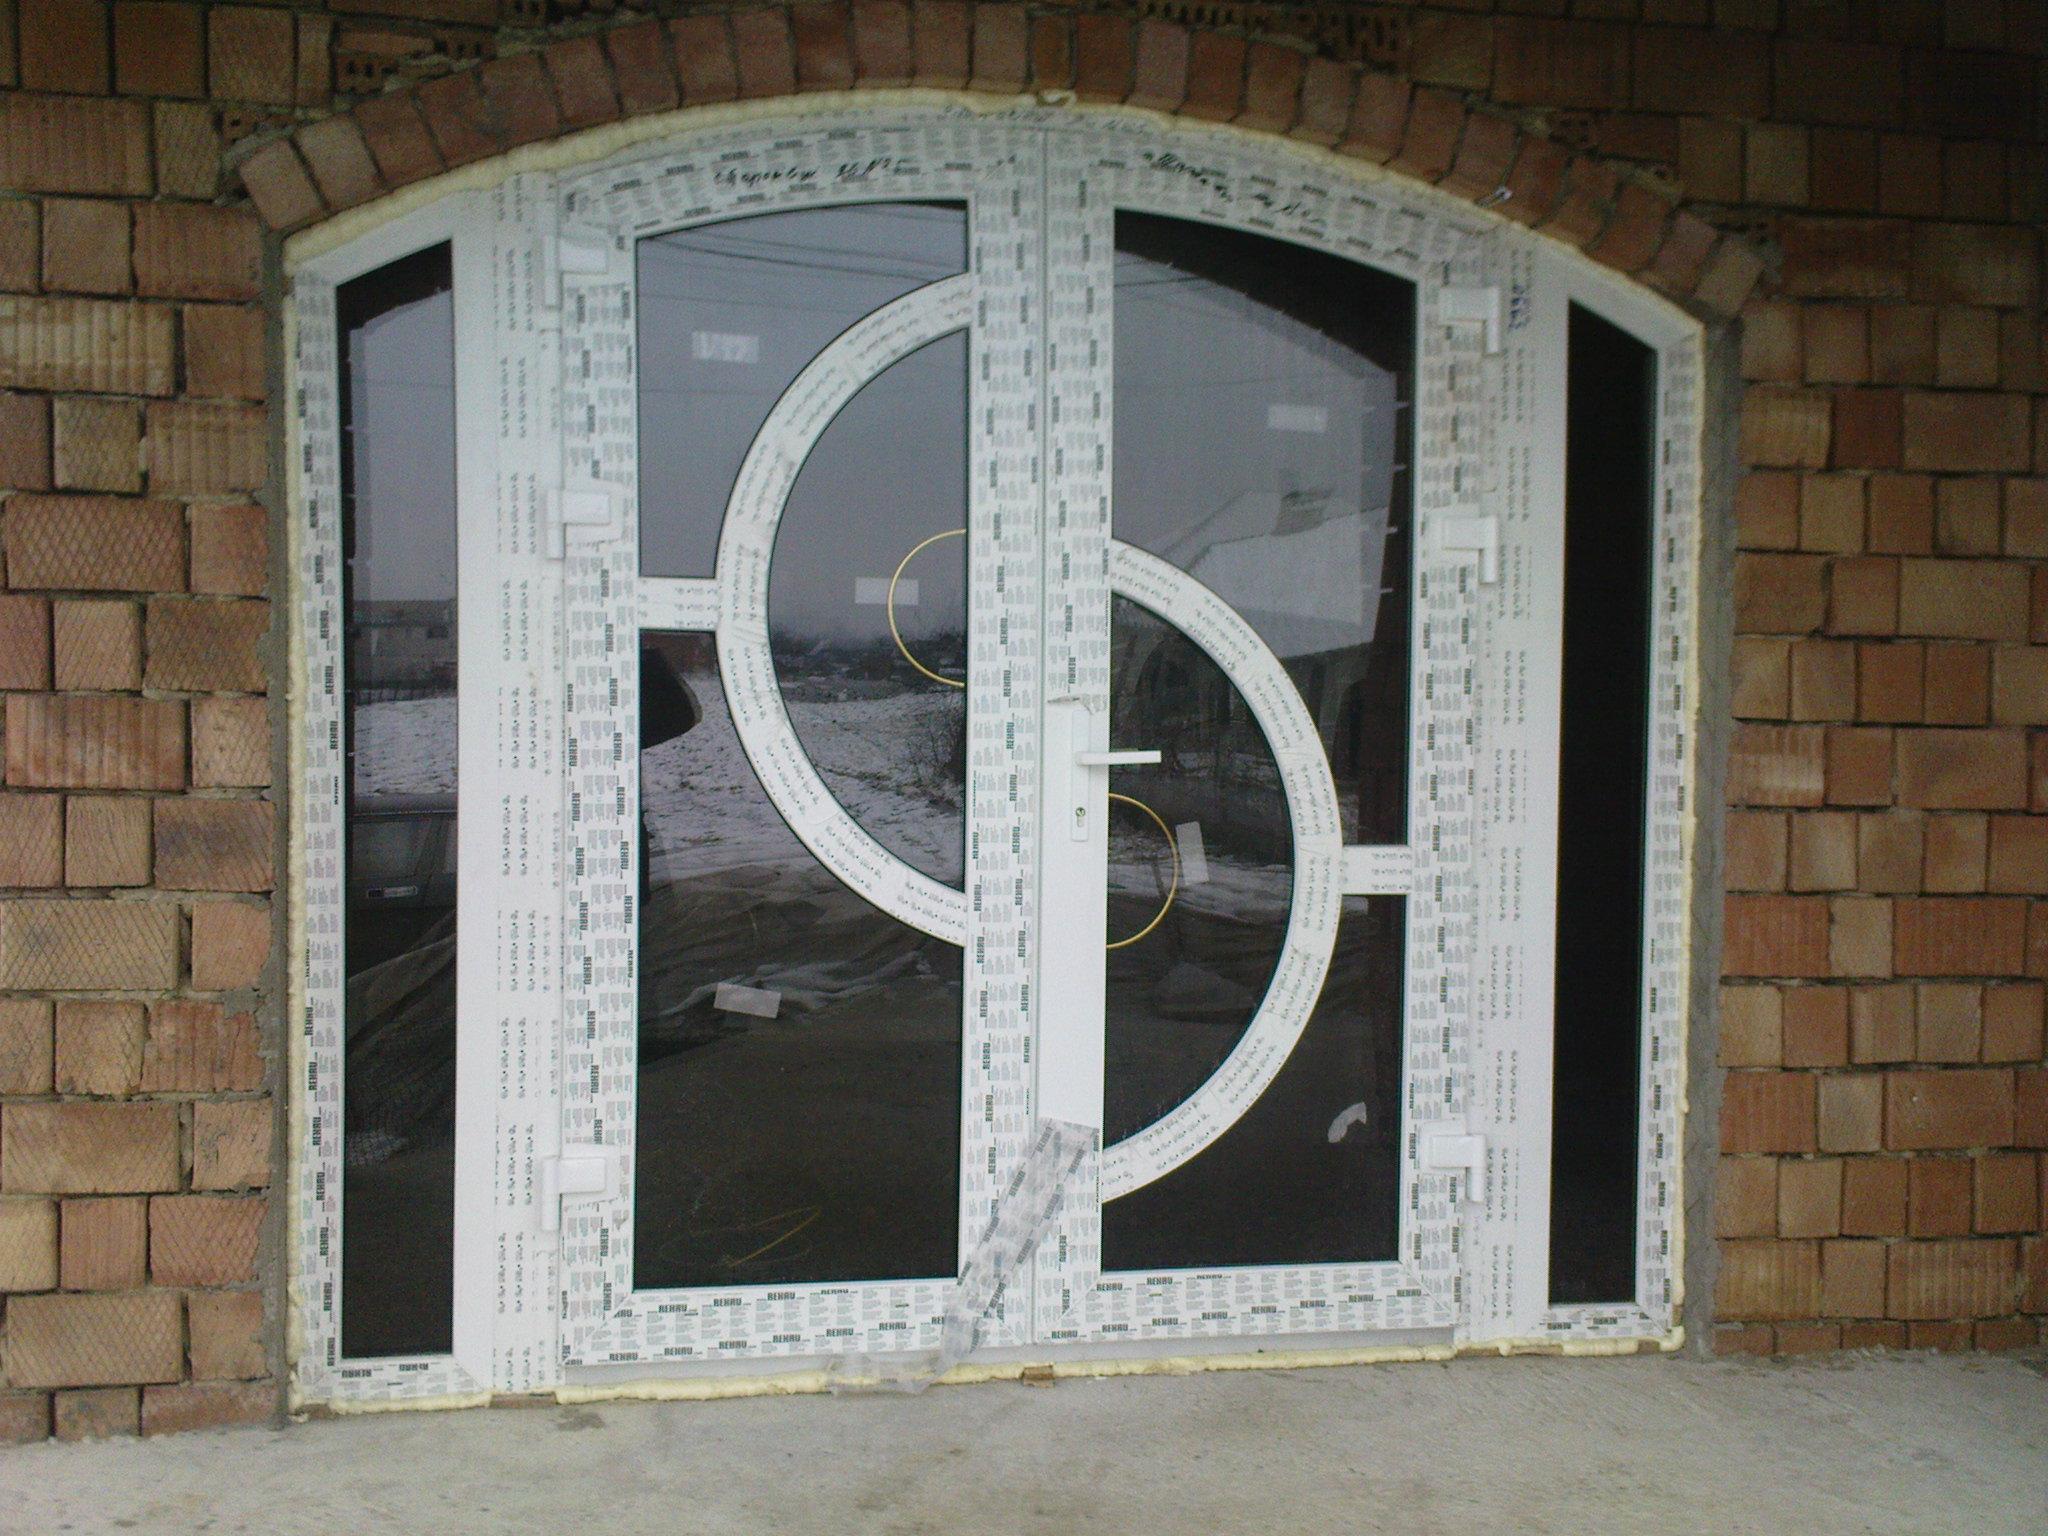 Лучшие входные двери в частный дом (фото): виды и критерии отбора